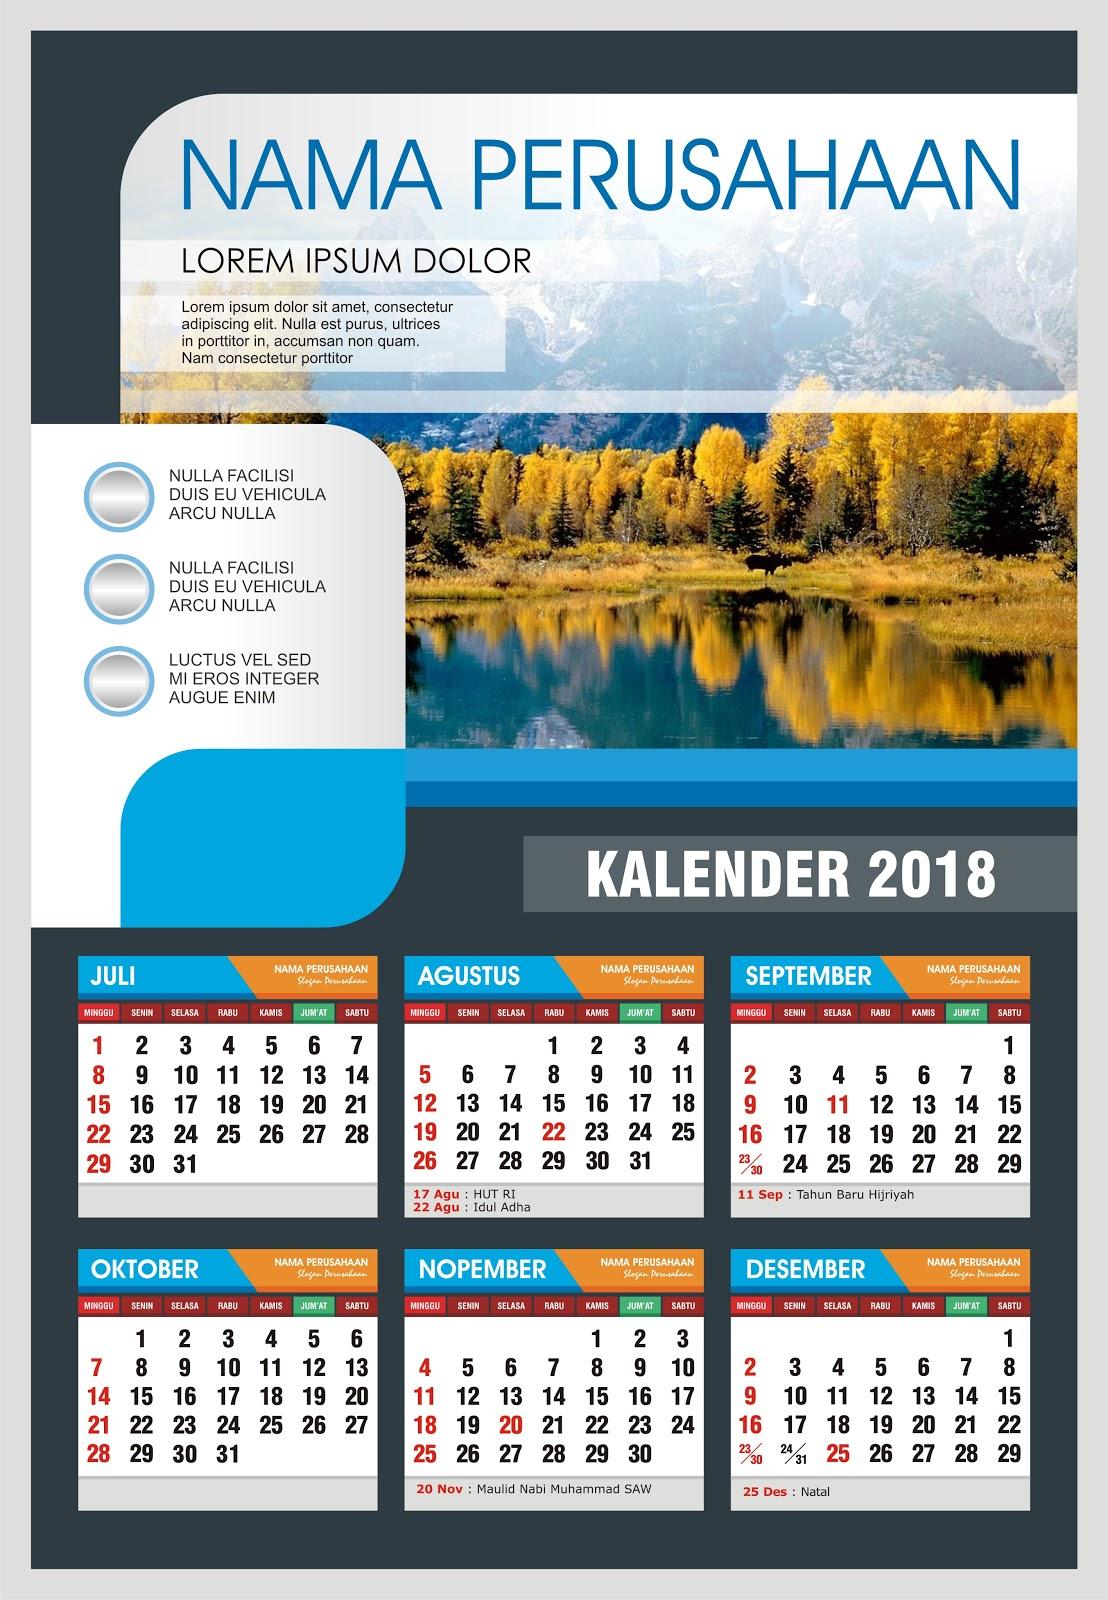 35+ Desain Kalender Sekolah Keren Cdr